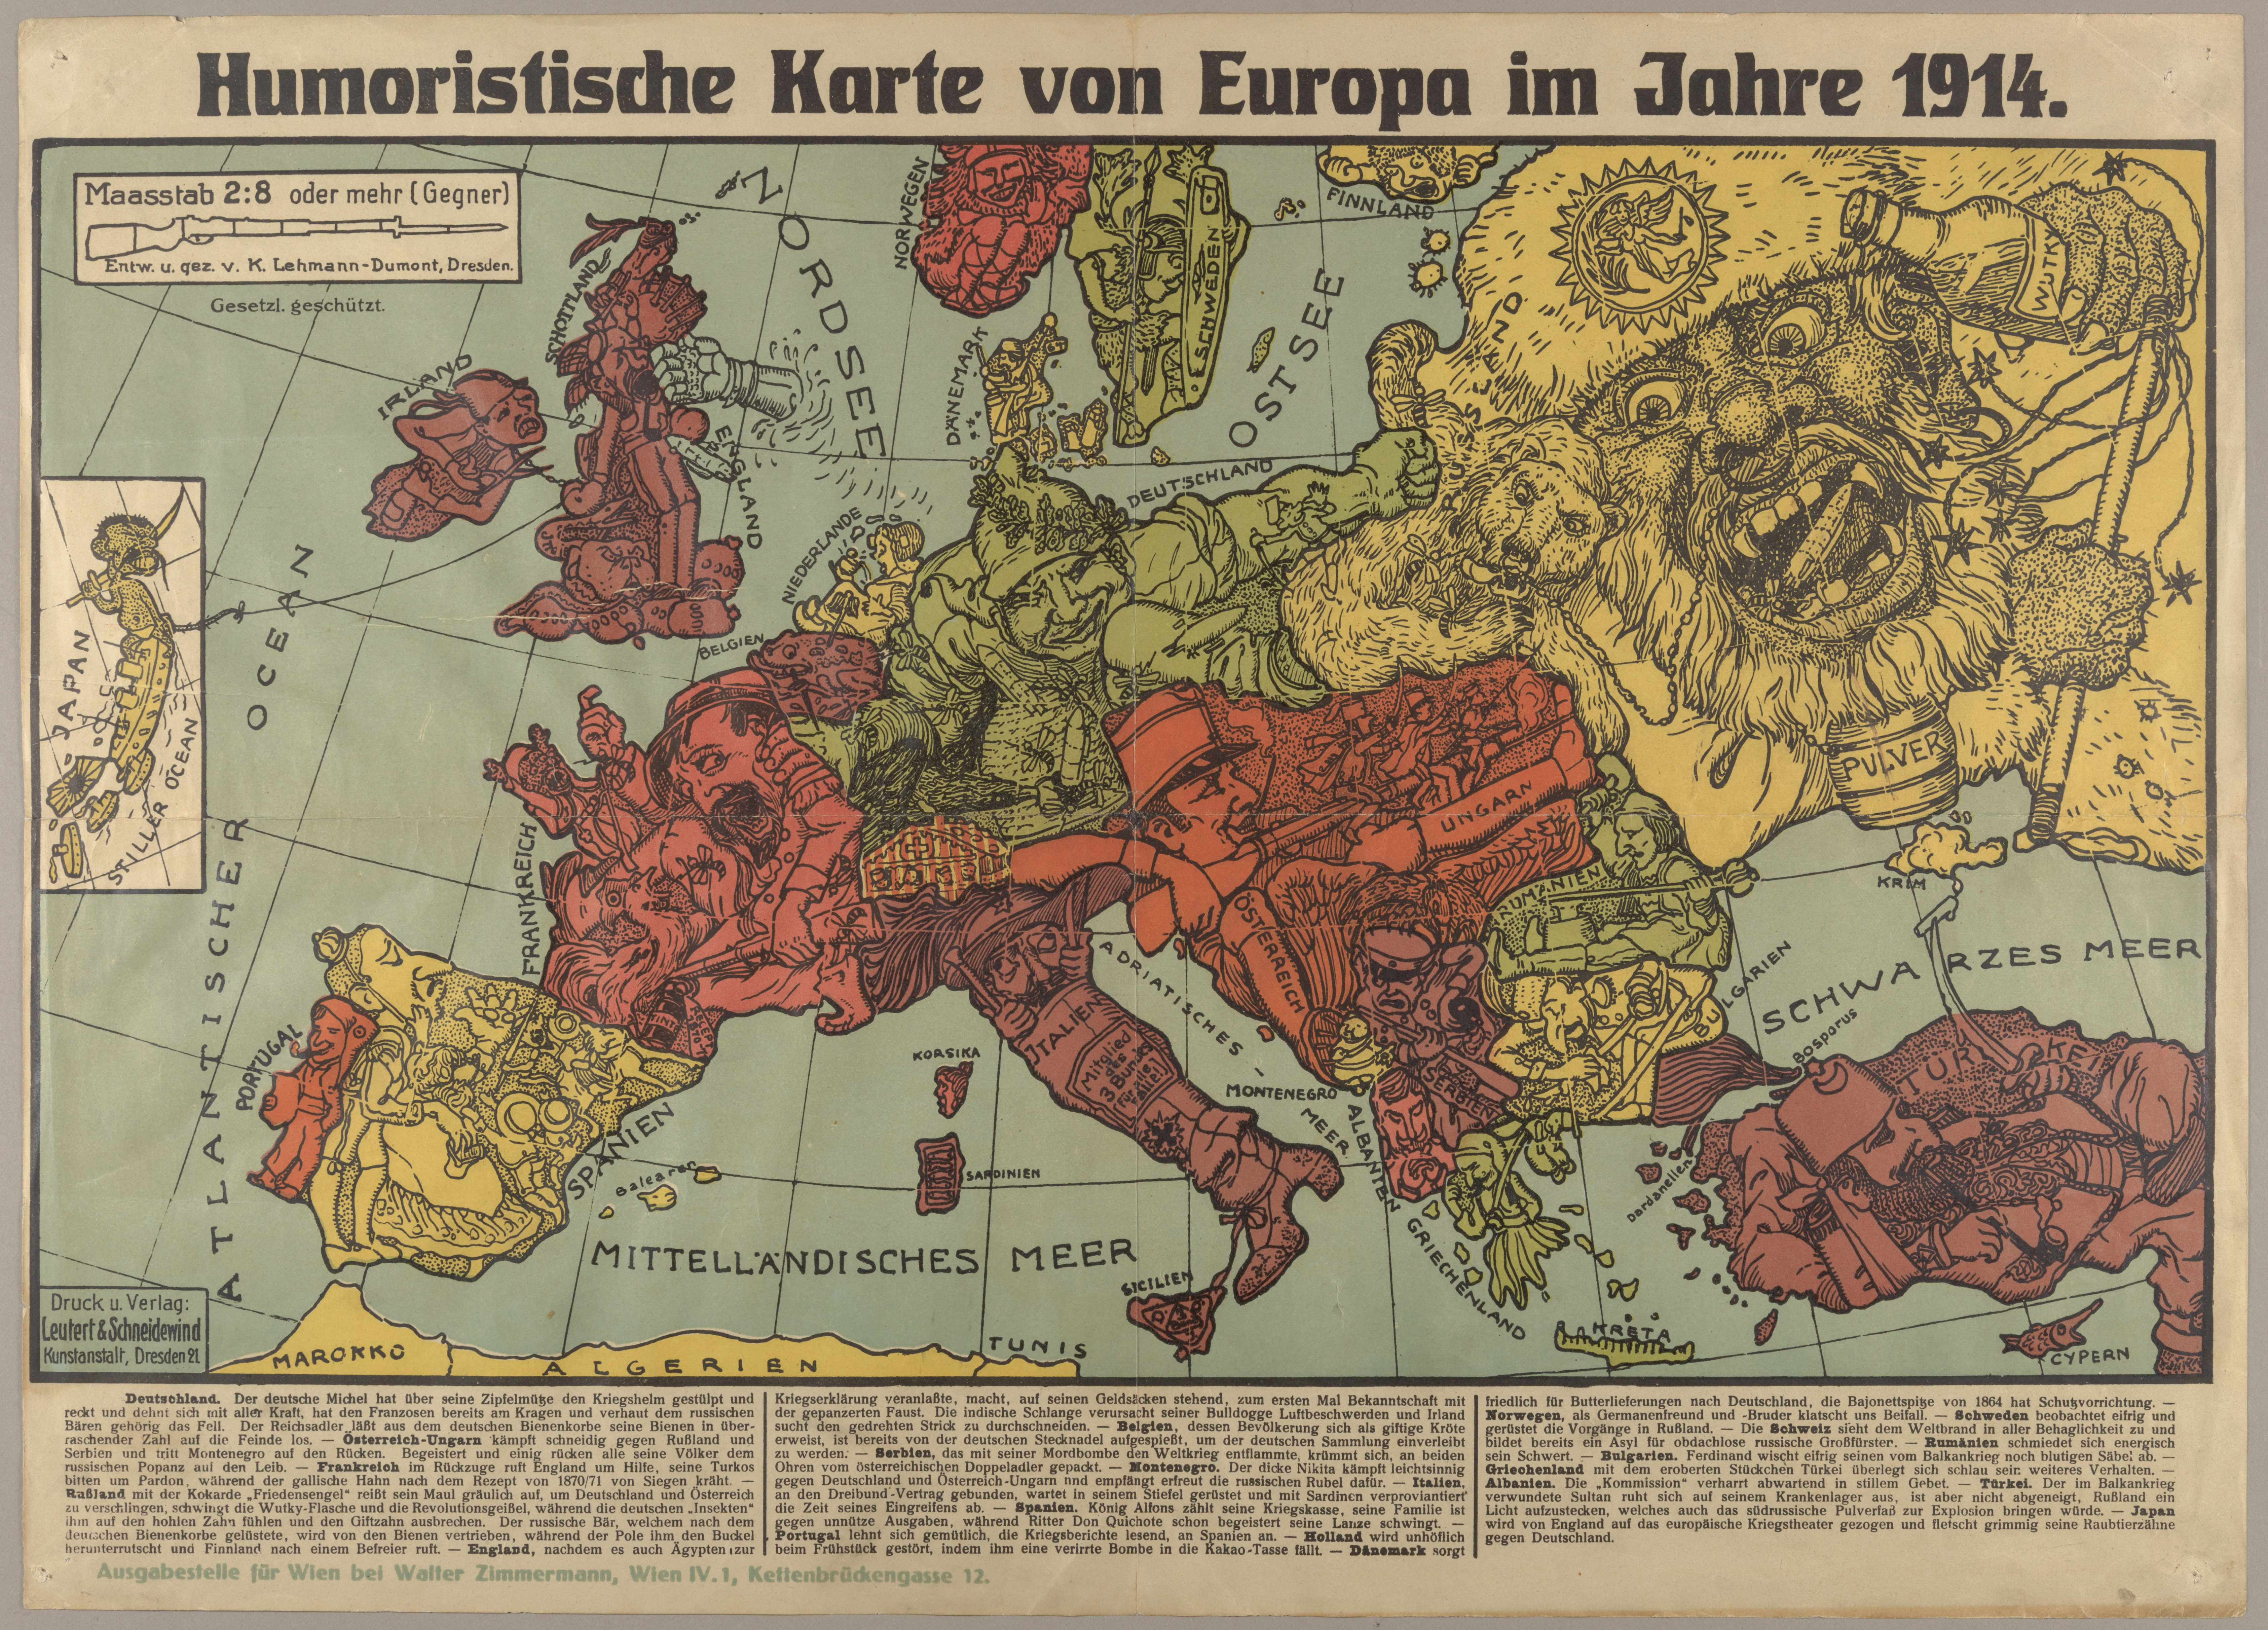 Humoristische Karte Von Europa 1914.File Humoristische Karte Von Europa Im Jahre 1914 Jpg